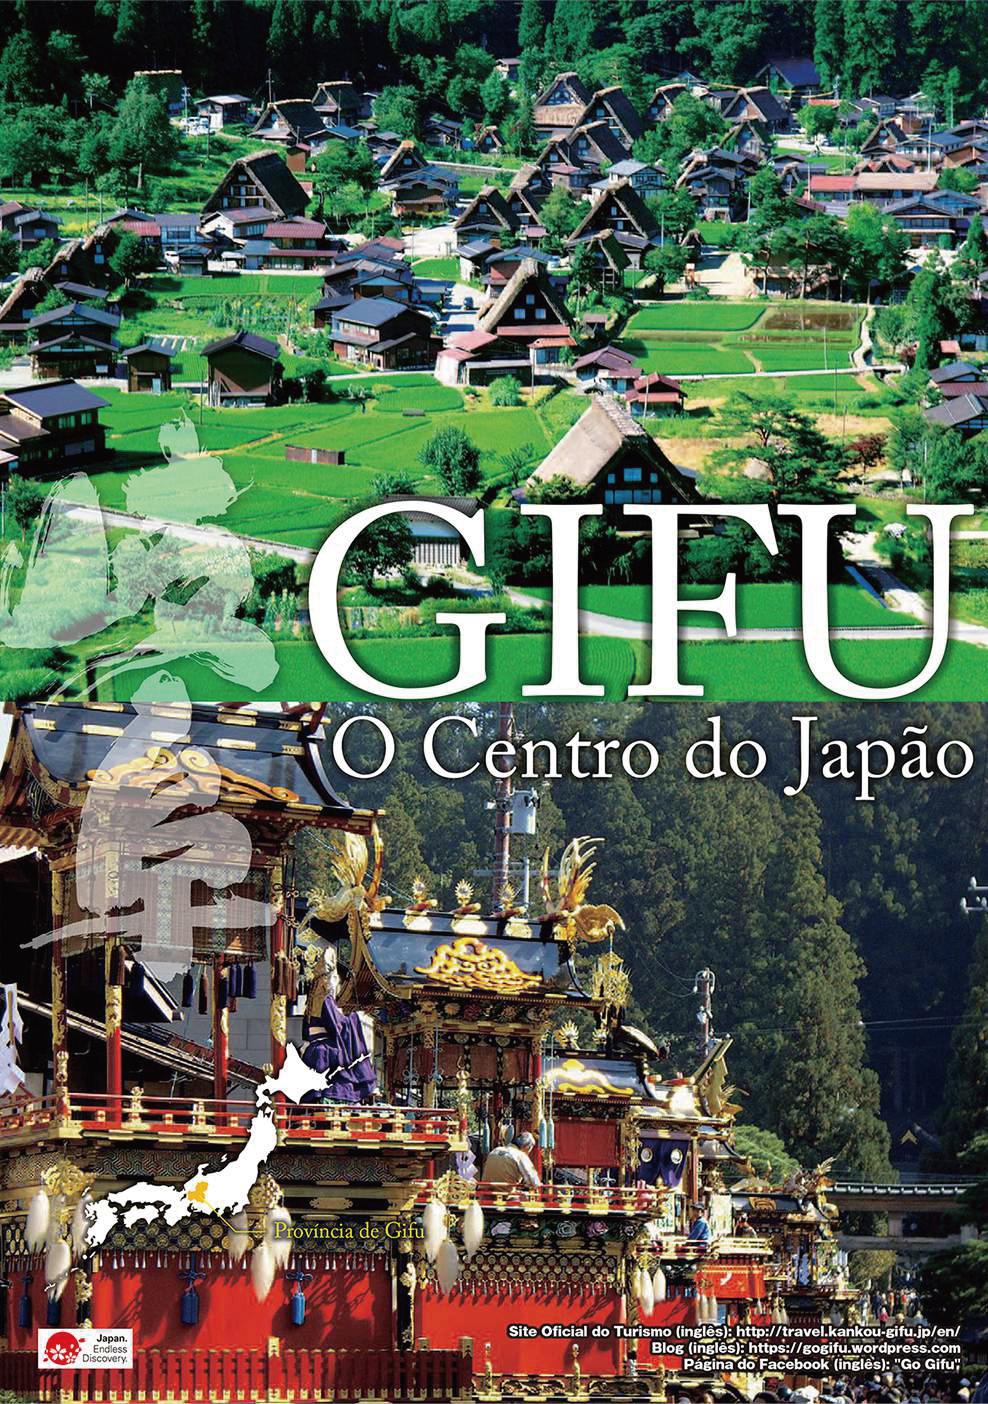 GIFU O Centro do Japão